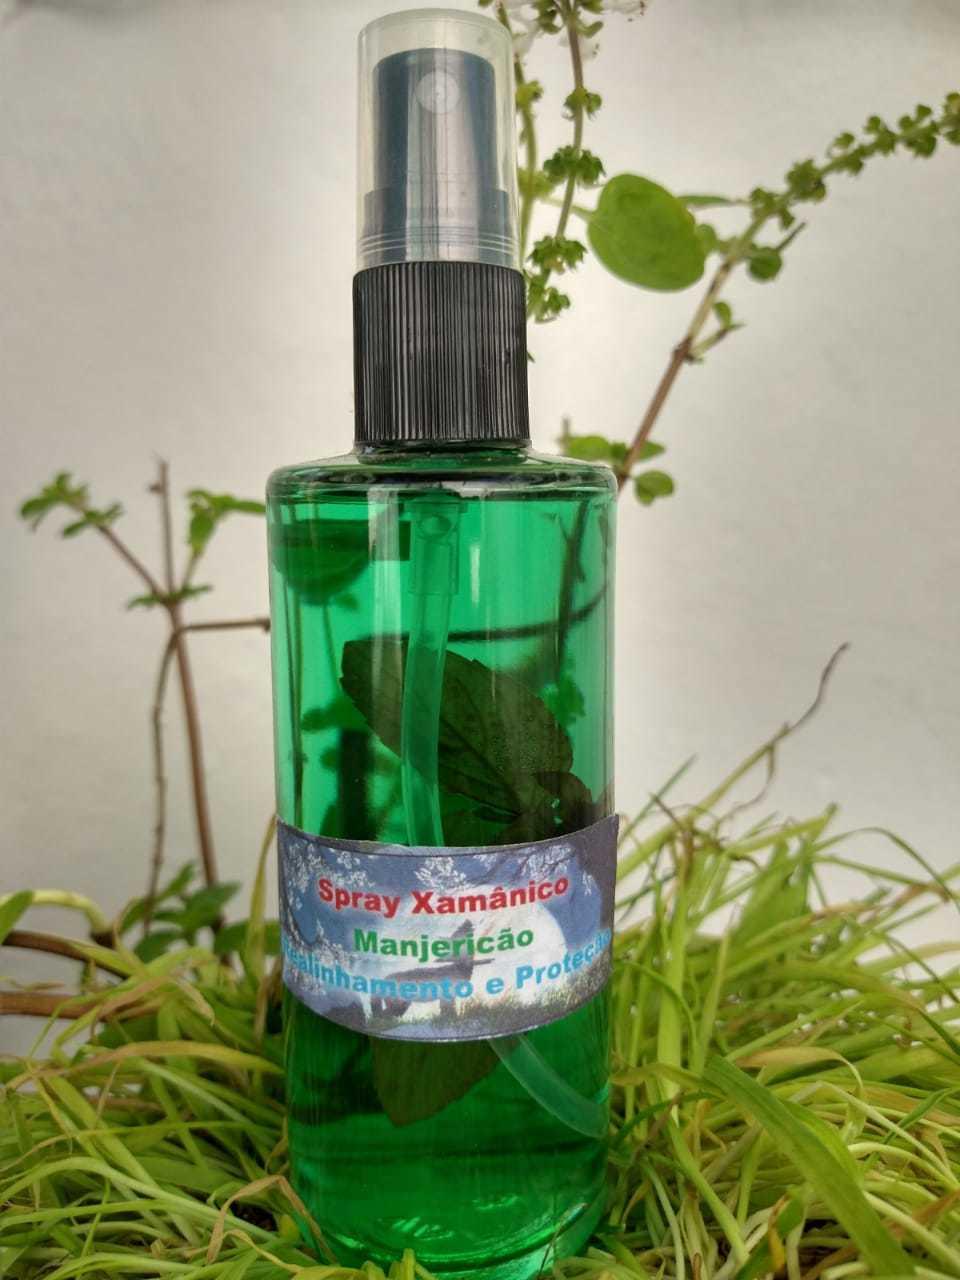 Spray xamânico manjericão